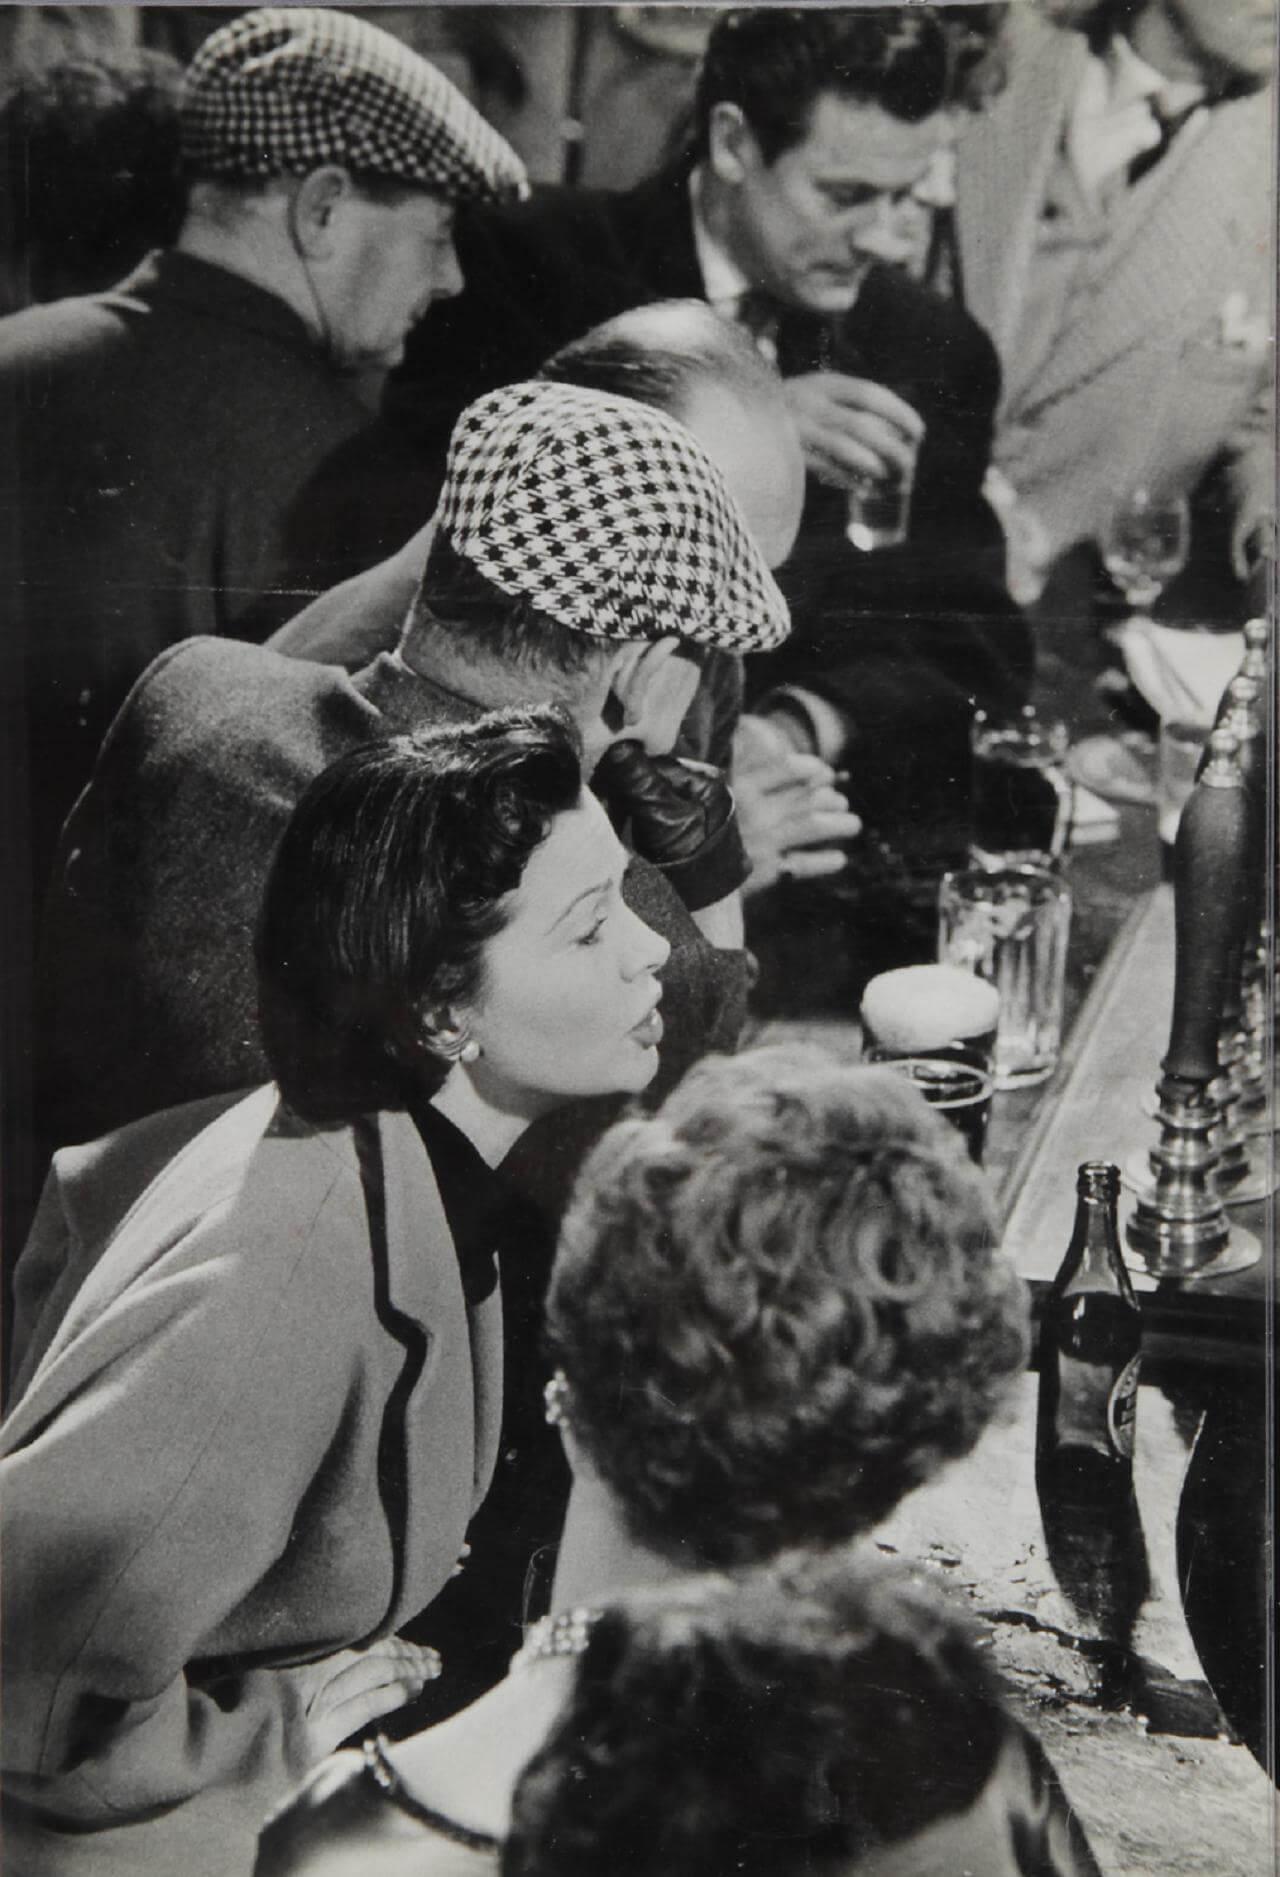 Vivien Leigh Vintage 8x10 Photo Ernst Haas - Magnum Photos